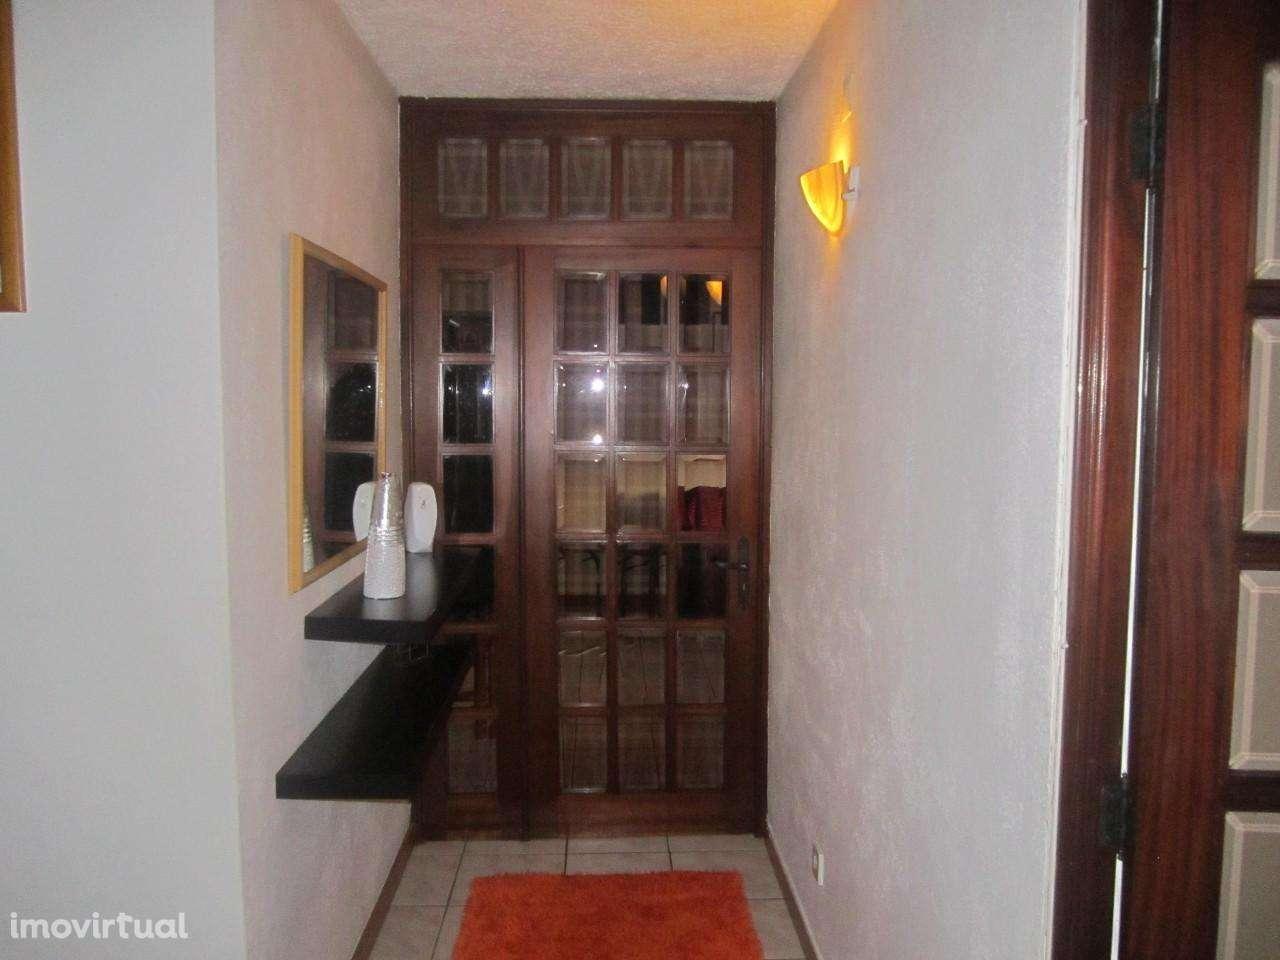 Apartamento para comprar, S. João da Madeira, São João da Madeira, Aveiro - Foto 8